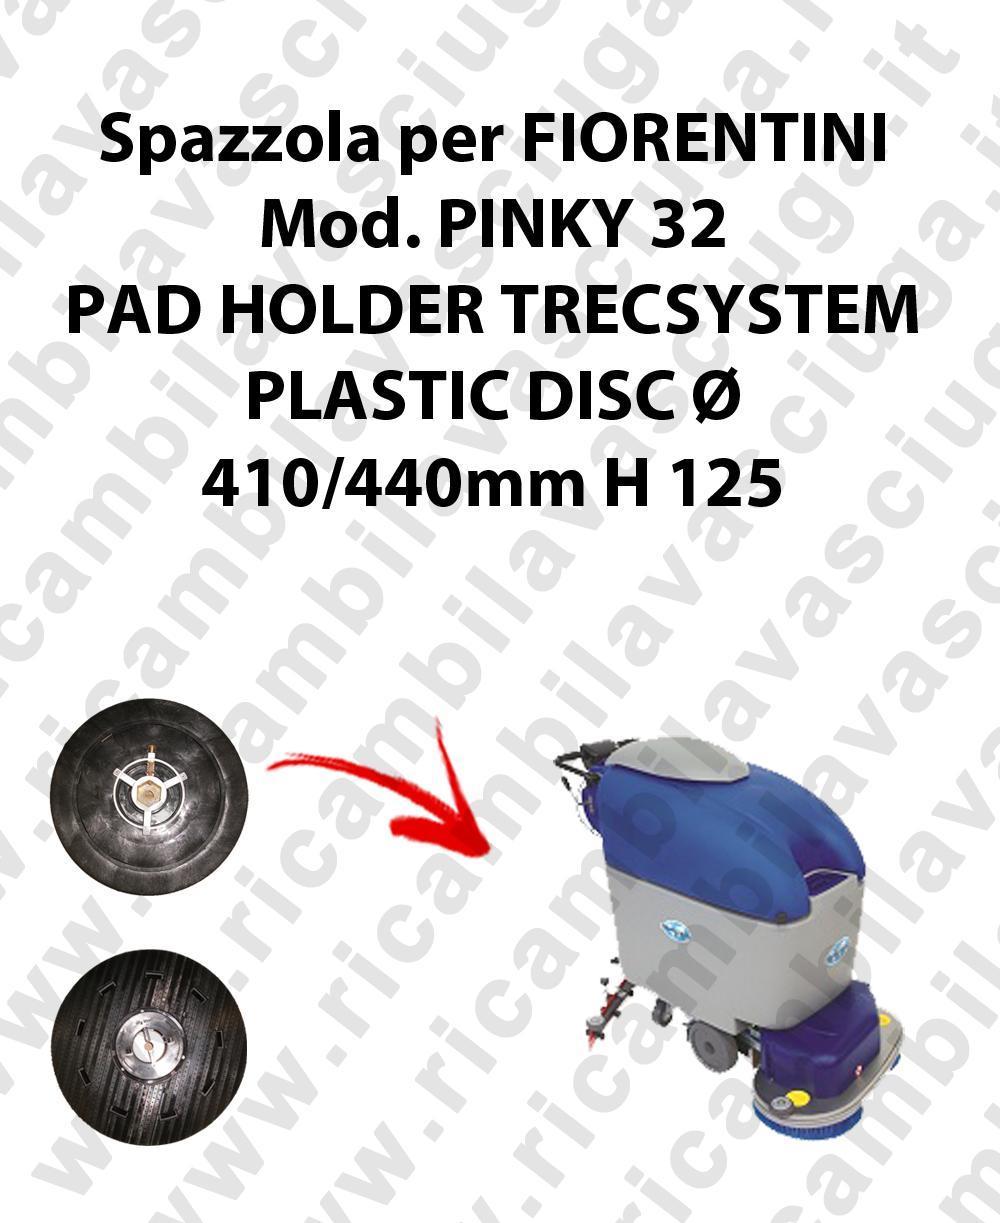 PINKY 32 Treiberteller TRECSYSTEM für scheuersaugmaschinen FIORENTINI